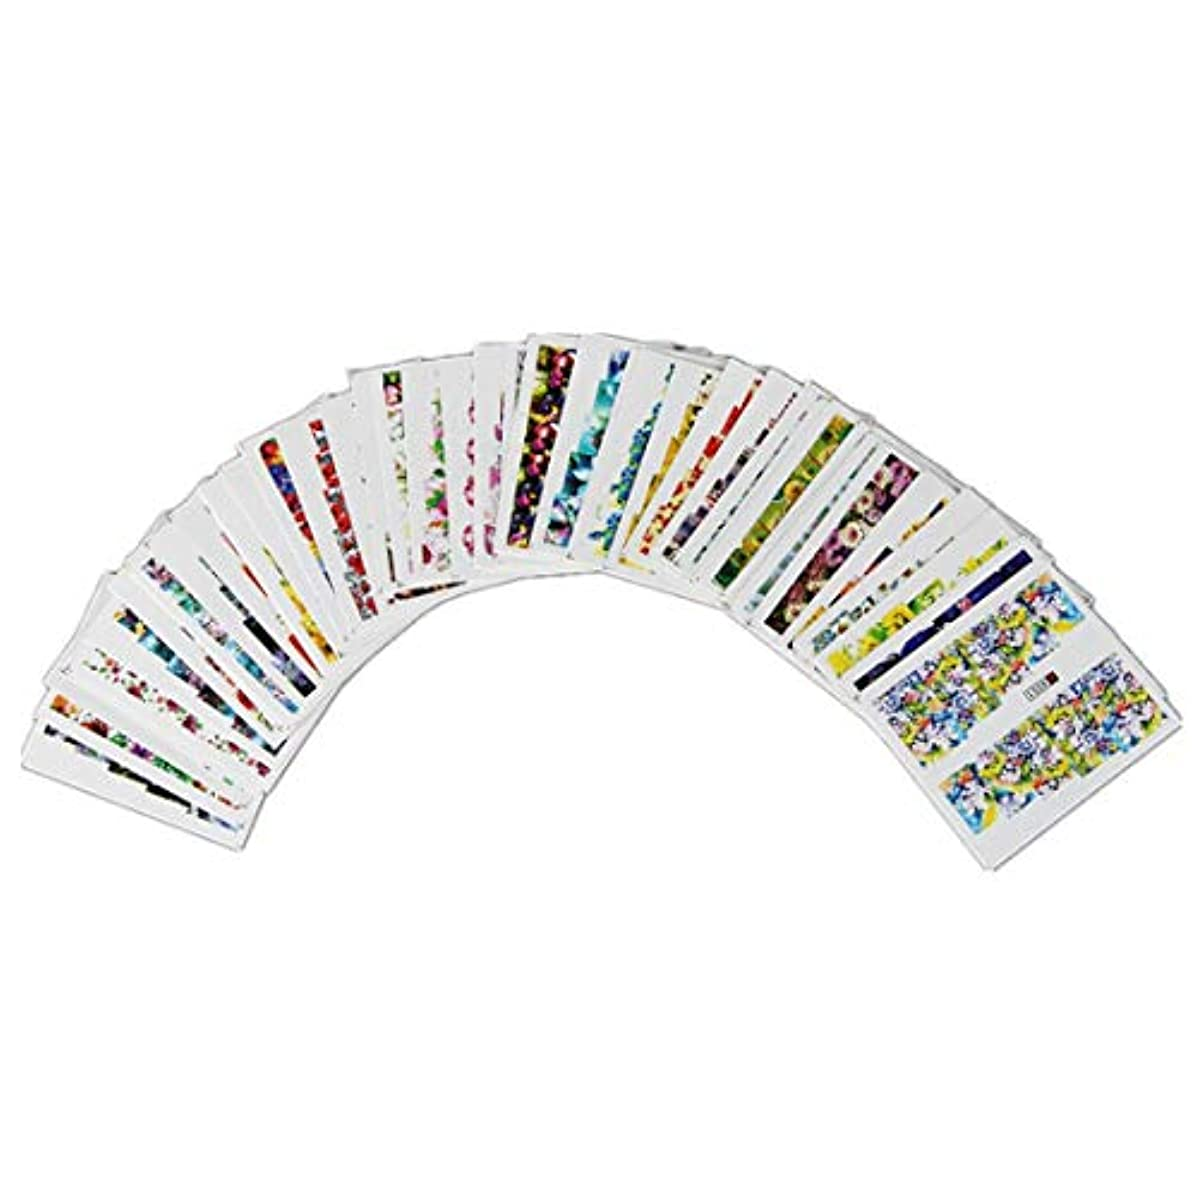 衝突スナッチ安定したKerwinner 50枚ネイルステッカー盛り合わせパターン水転写花フラワーステッカーセット女性用爪の装飾ネイルデカールネイルアートアクセサリーマニキュアチャームヒント